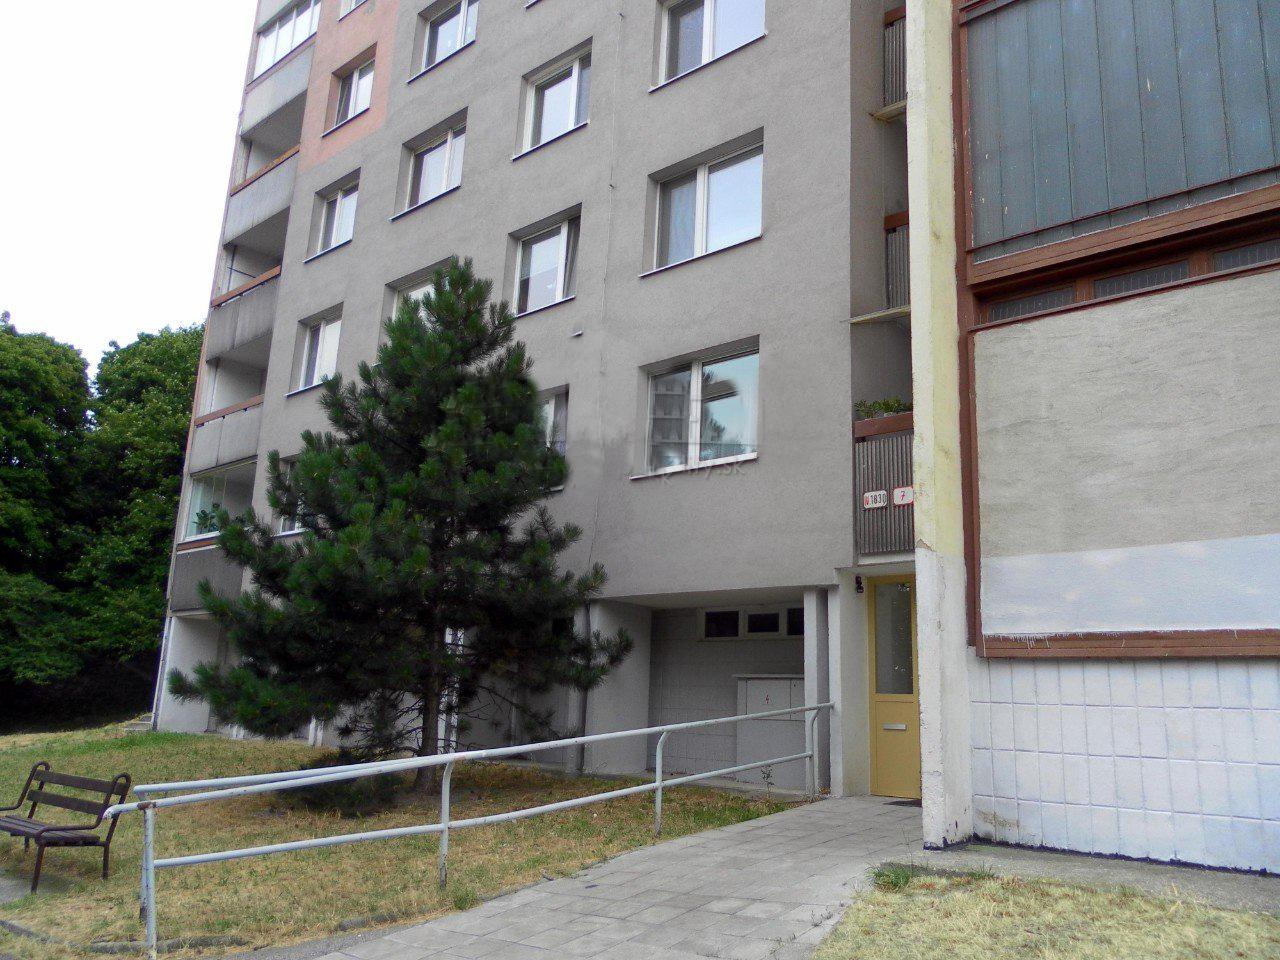 Rezervovane ✅Predáme 2+1 i. byt v Dúbravke, krásne prostredie, v okolí les ✅